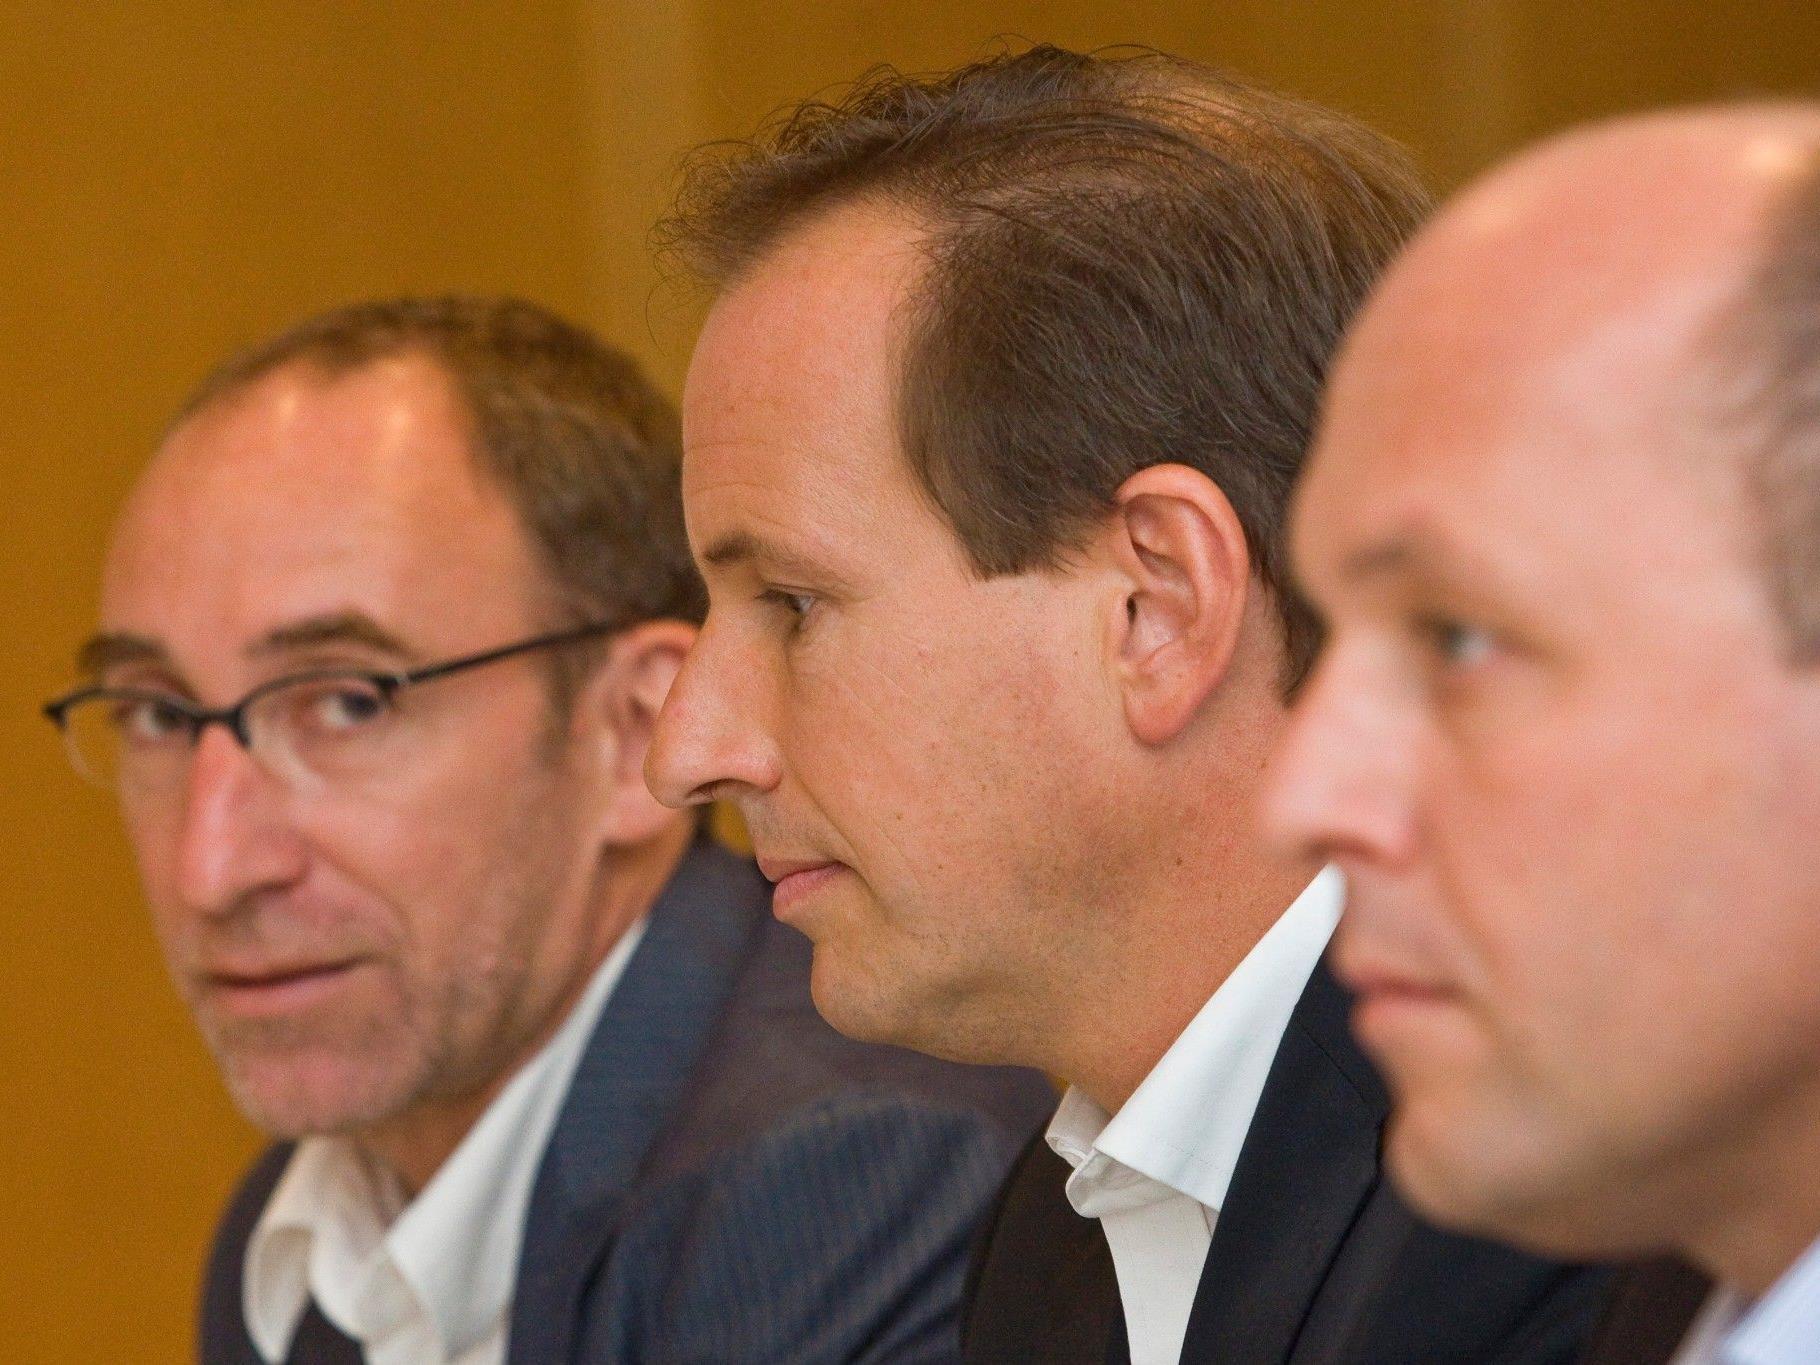 FPÖ, SPÖ und Grüne wenden sich in Brief an Landtagspräsidentin Mennel.